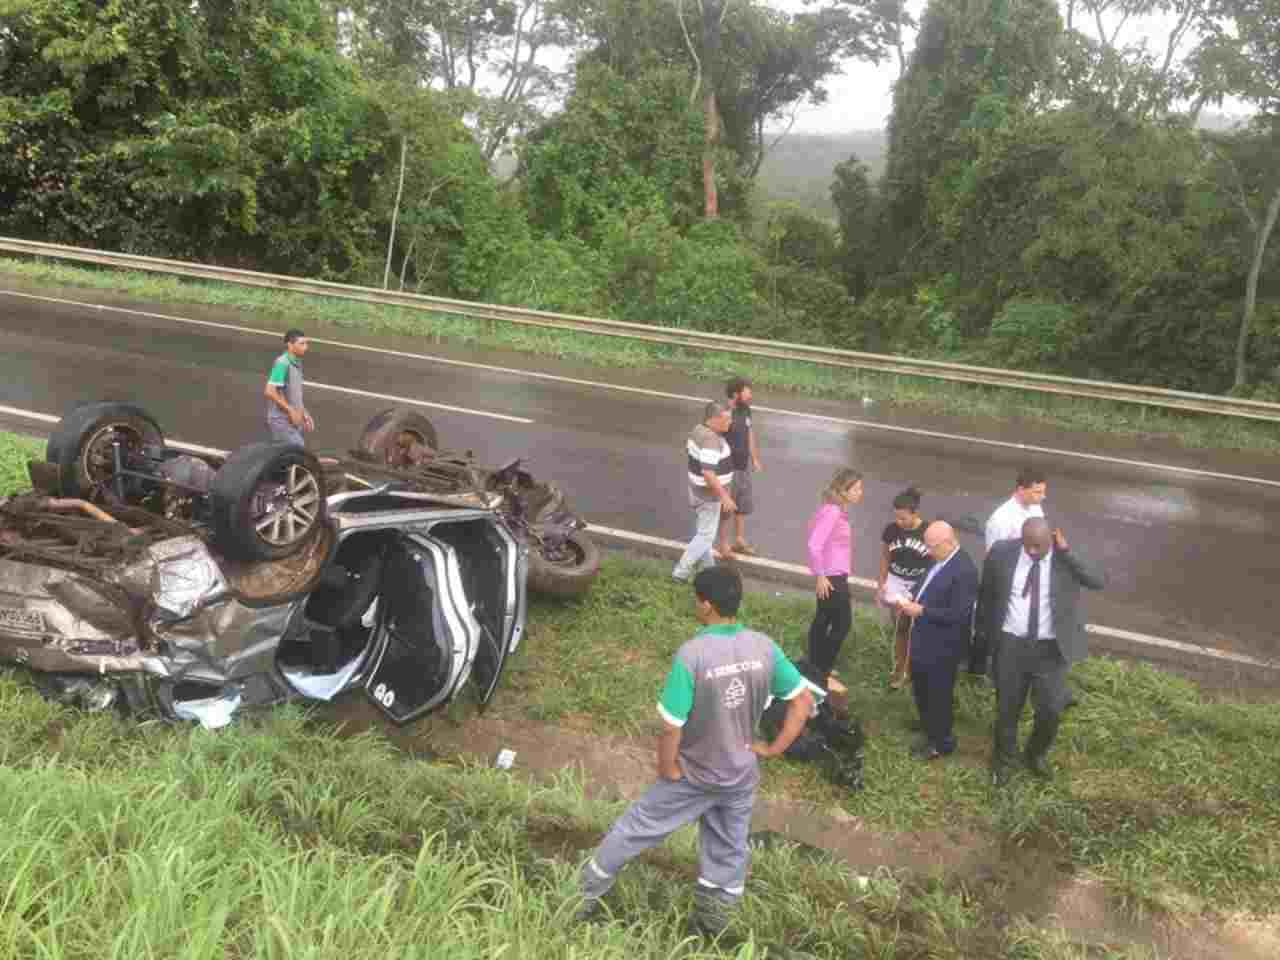 Veículo ocupado pelo deputado Professor Alcides capotou em Rodovia Federal nesta quarta-feira, 31   Foto: Valdemy Teixeira